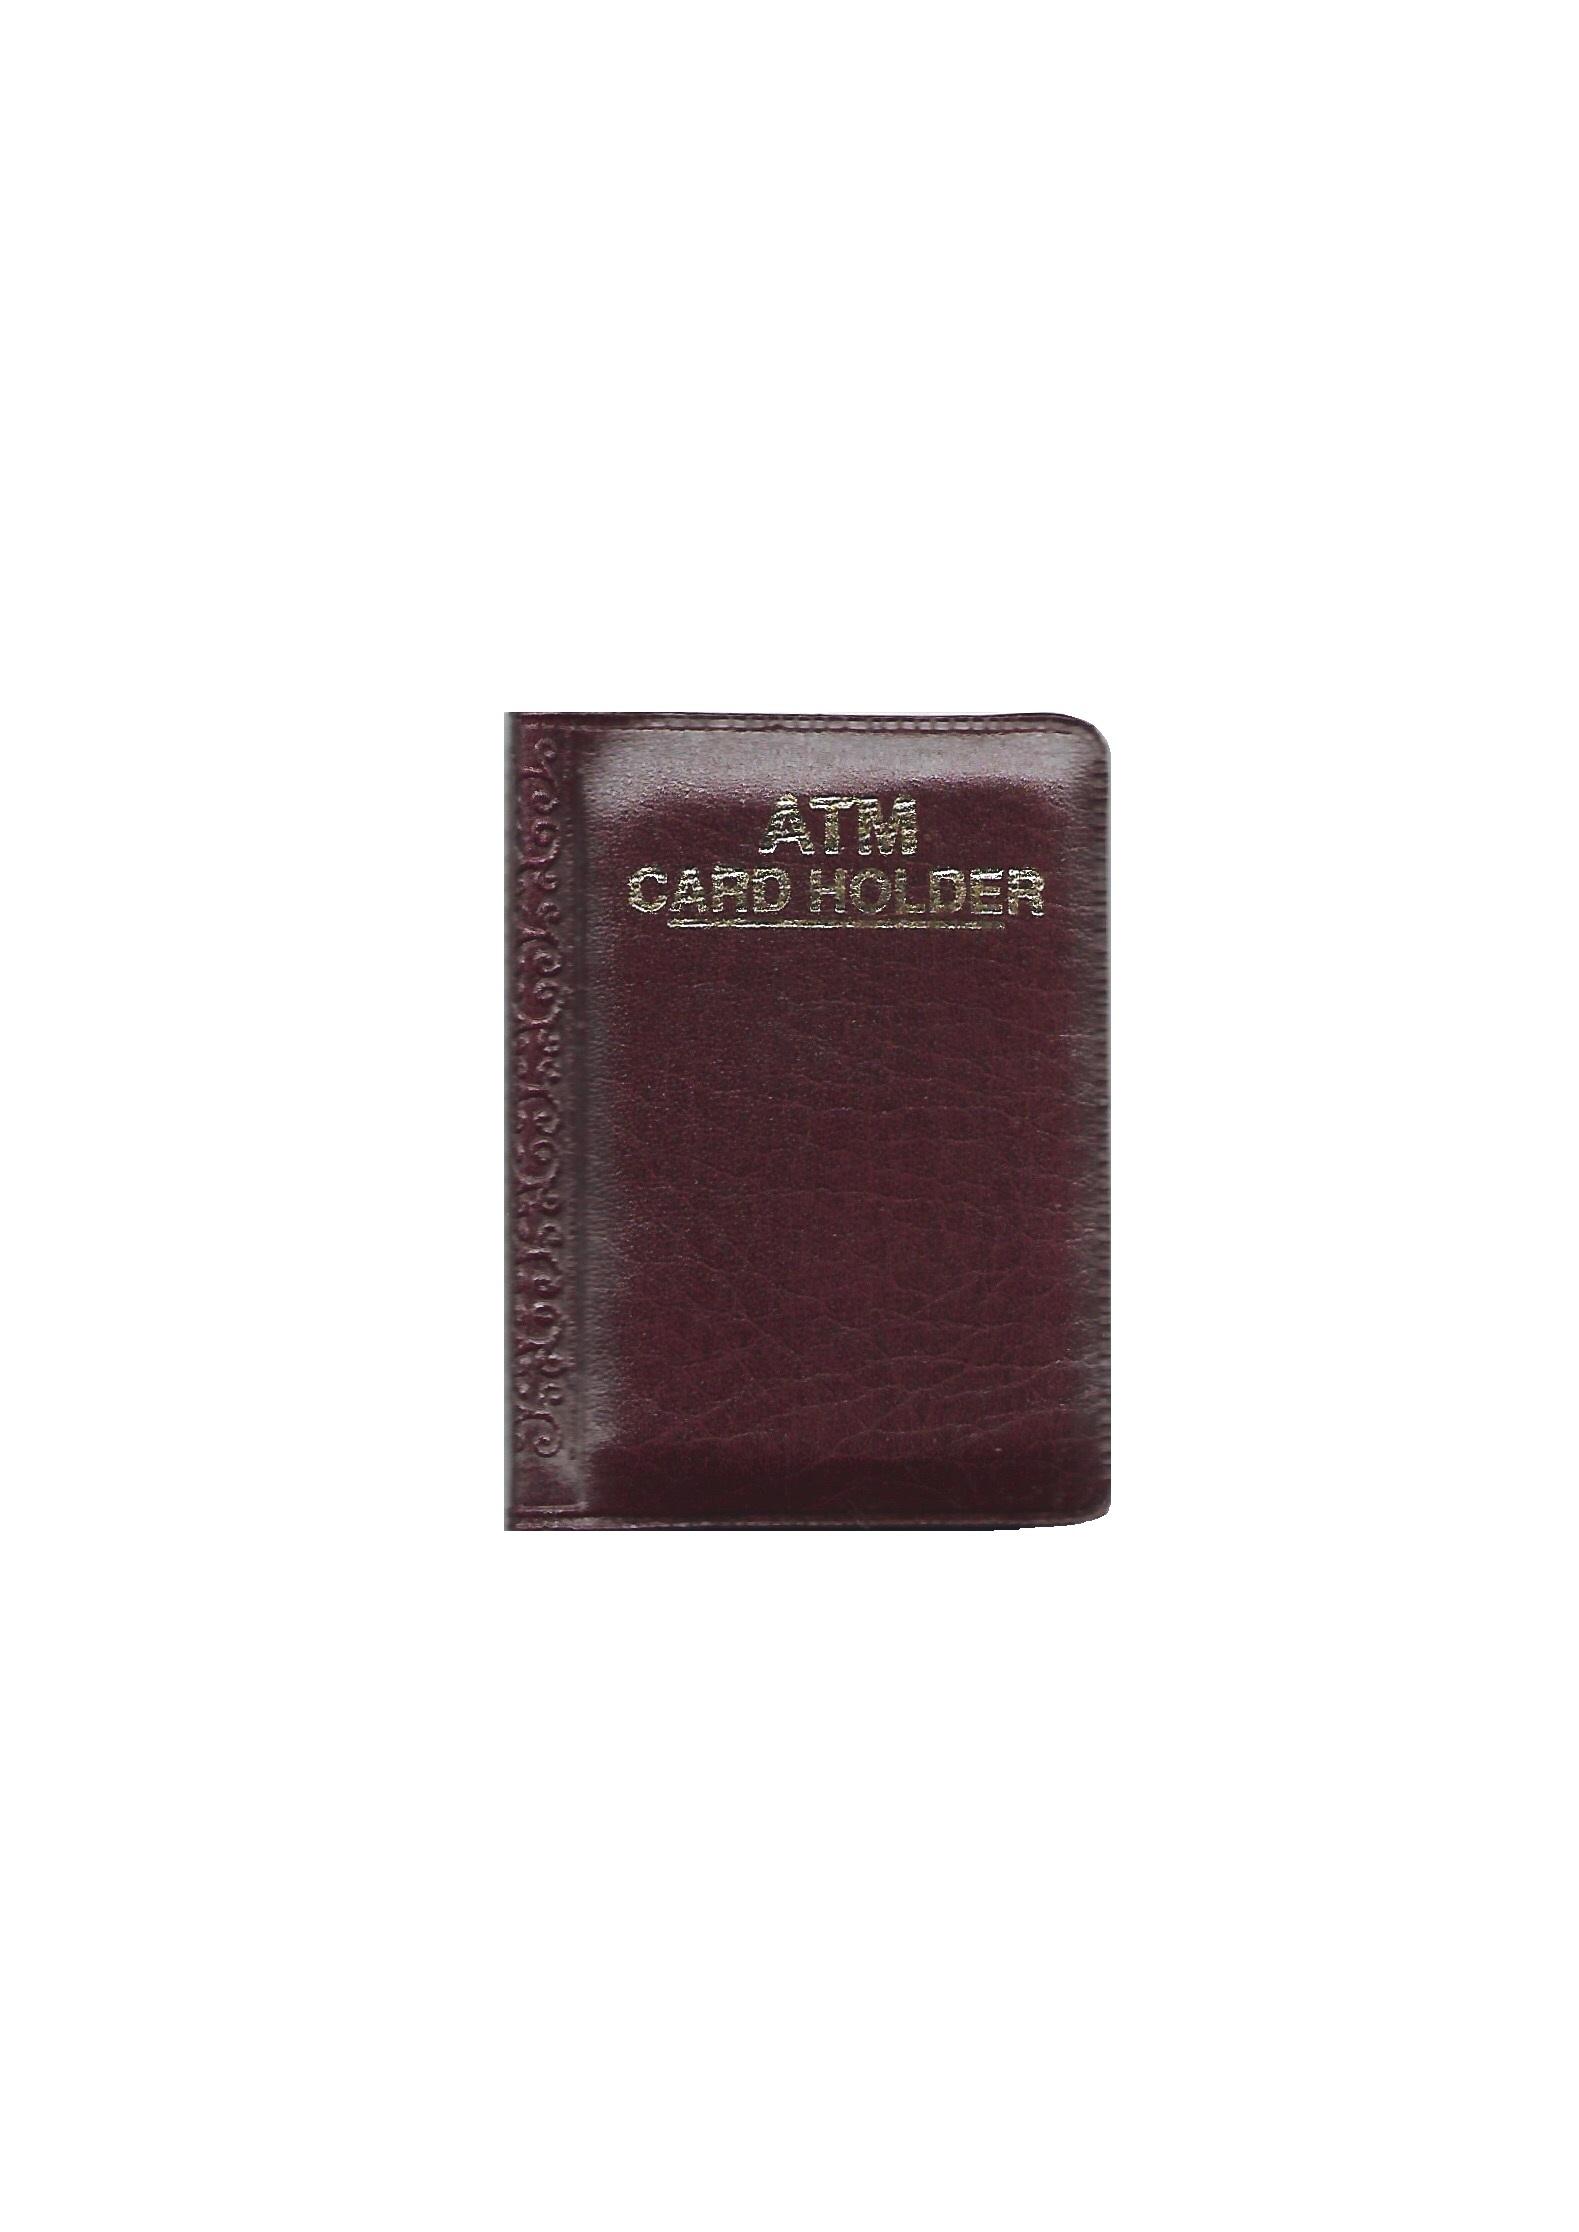 Pocket Size ATM Card Holder